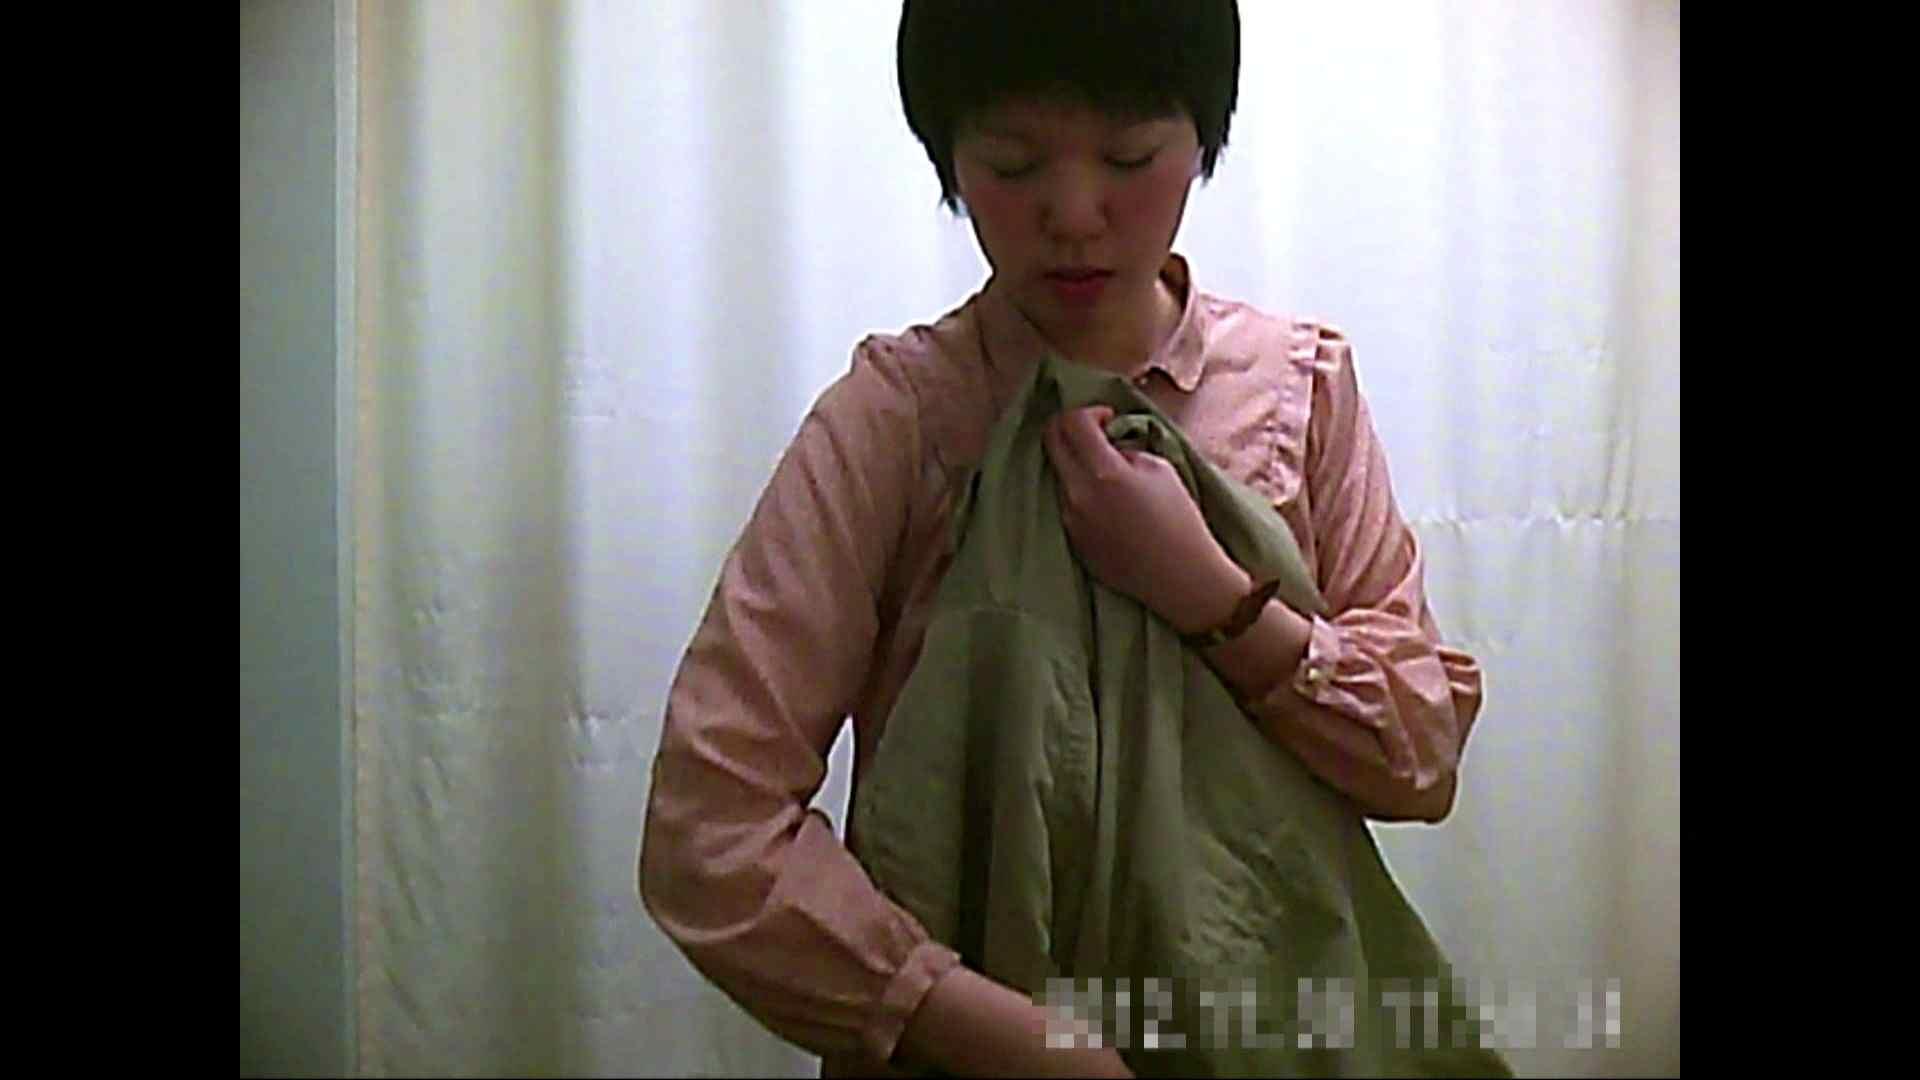 病院おもいっきり着替え! vol.165 着替え のぞき動画画像 89pic 81